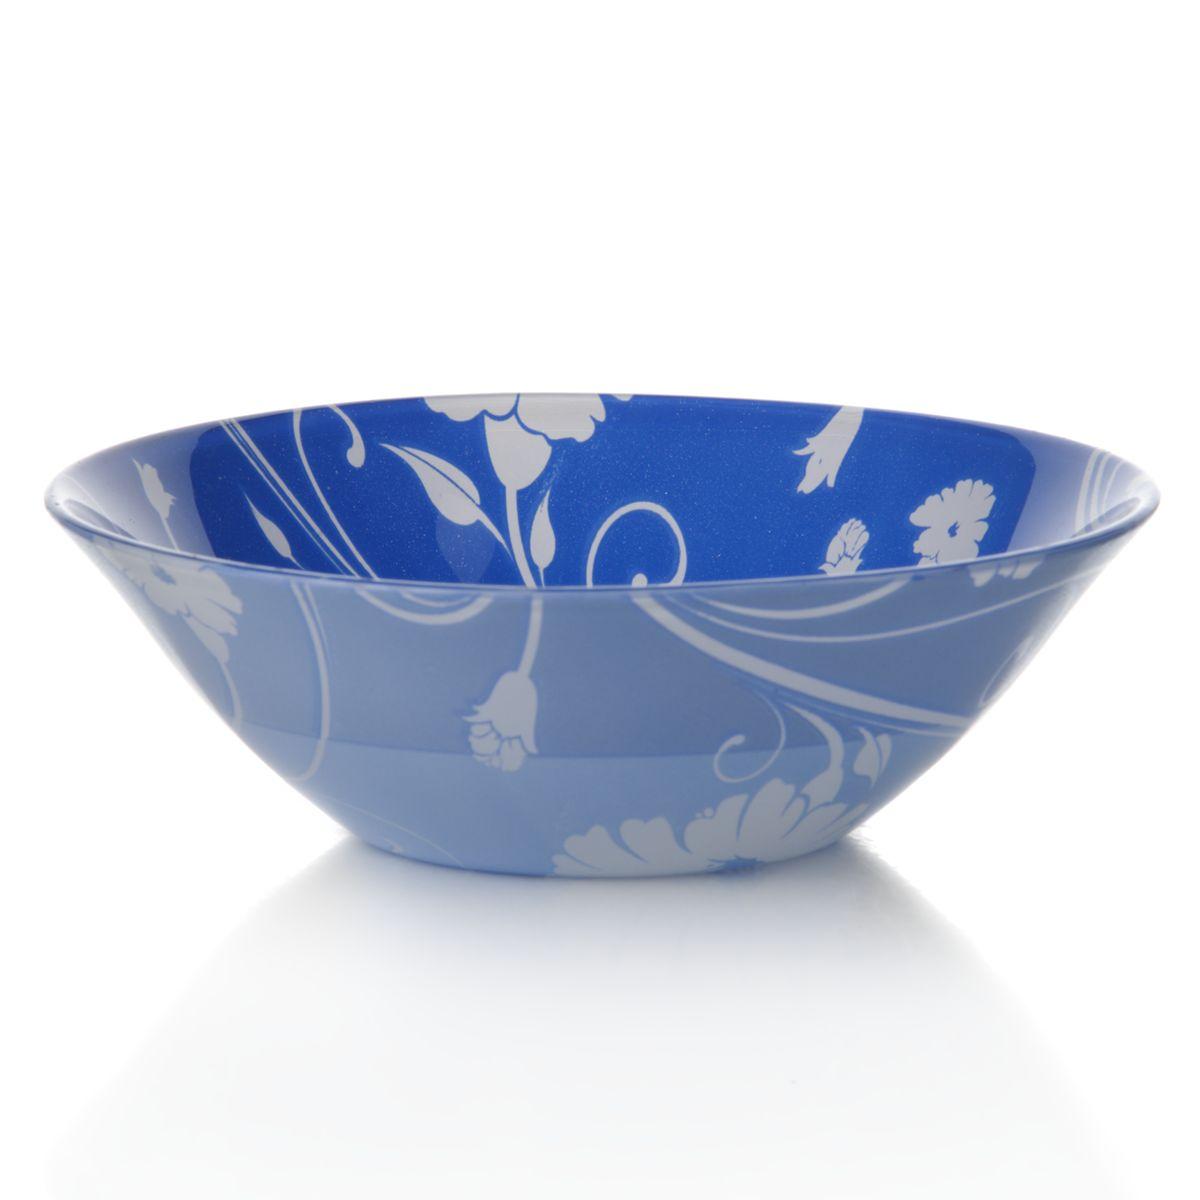 Набор салатников Pasabahce Blue Serenade, цвет: синий, диаметр 14 см, 6 шт115510Набор Pasabahce Blue Serenade состоит из шести круглых салатников, выполненных из закаленного стекла. Изделия украшены изысканным цветочным узором.Набор прекрасно подойдет для сервировки различных блюд. Яркий дизайн украсит стол и порадует вас и ваших гостей. Нельзя использовать в микроволновой печи. Можно использовать в морозильной камере.Диаметр салатника: 14 см. Высота салатника: 5 см.